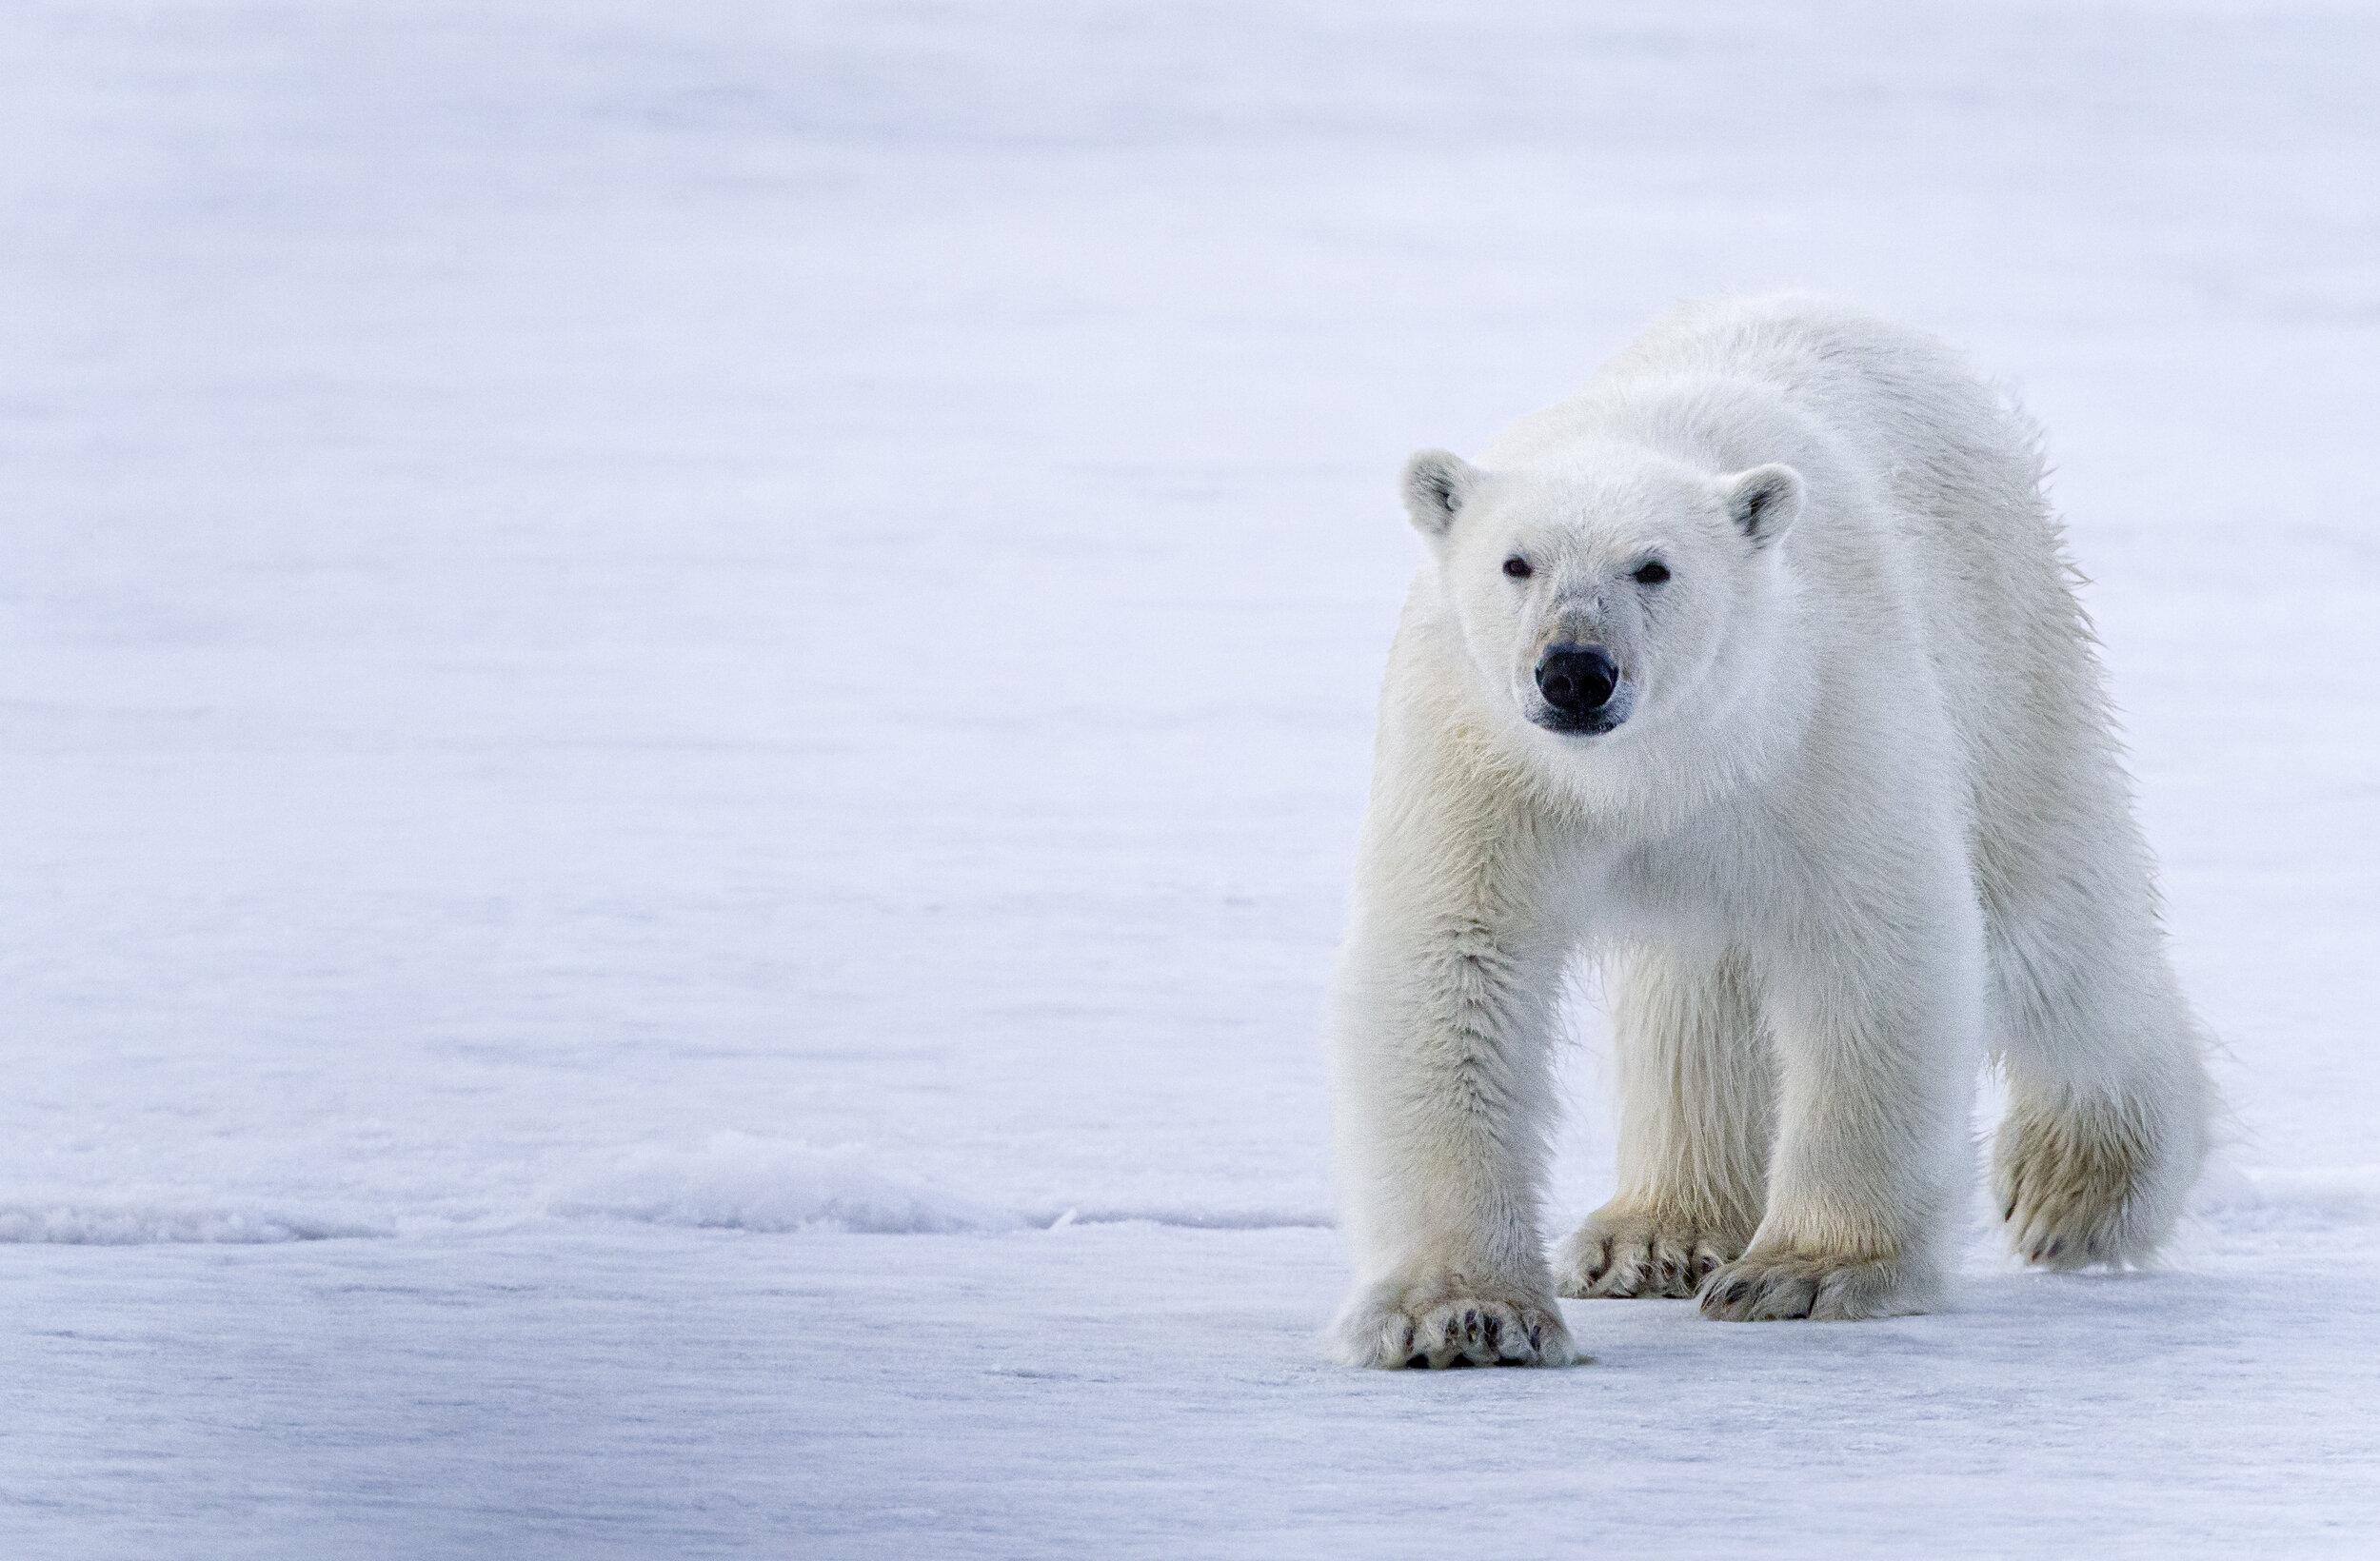 A curious polar bear somewhere in Svalbard